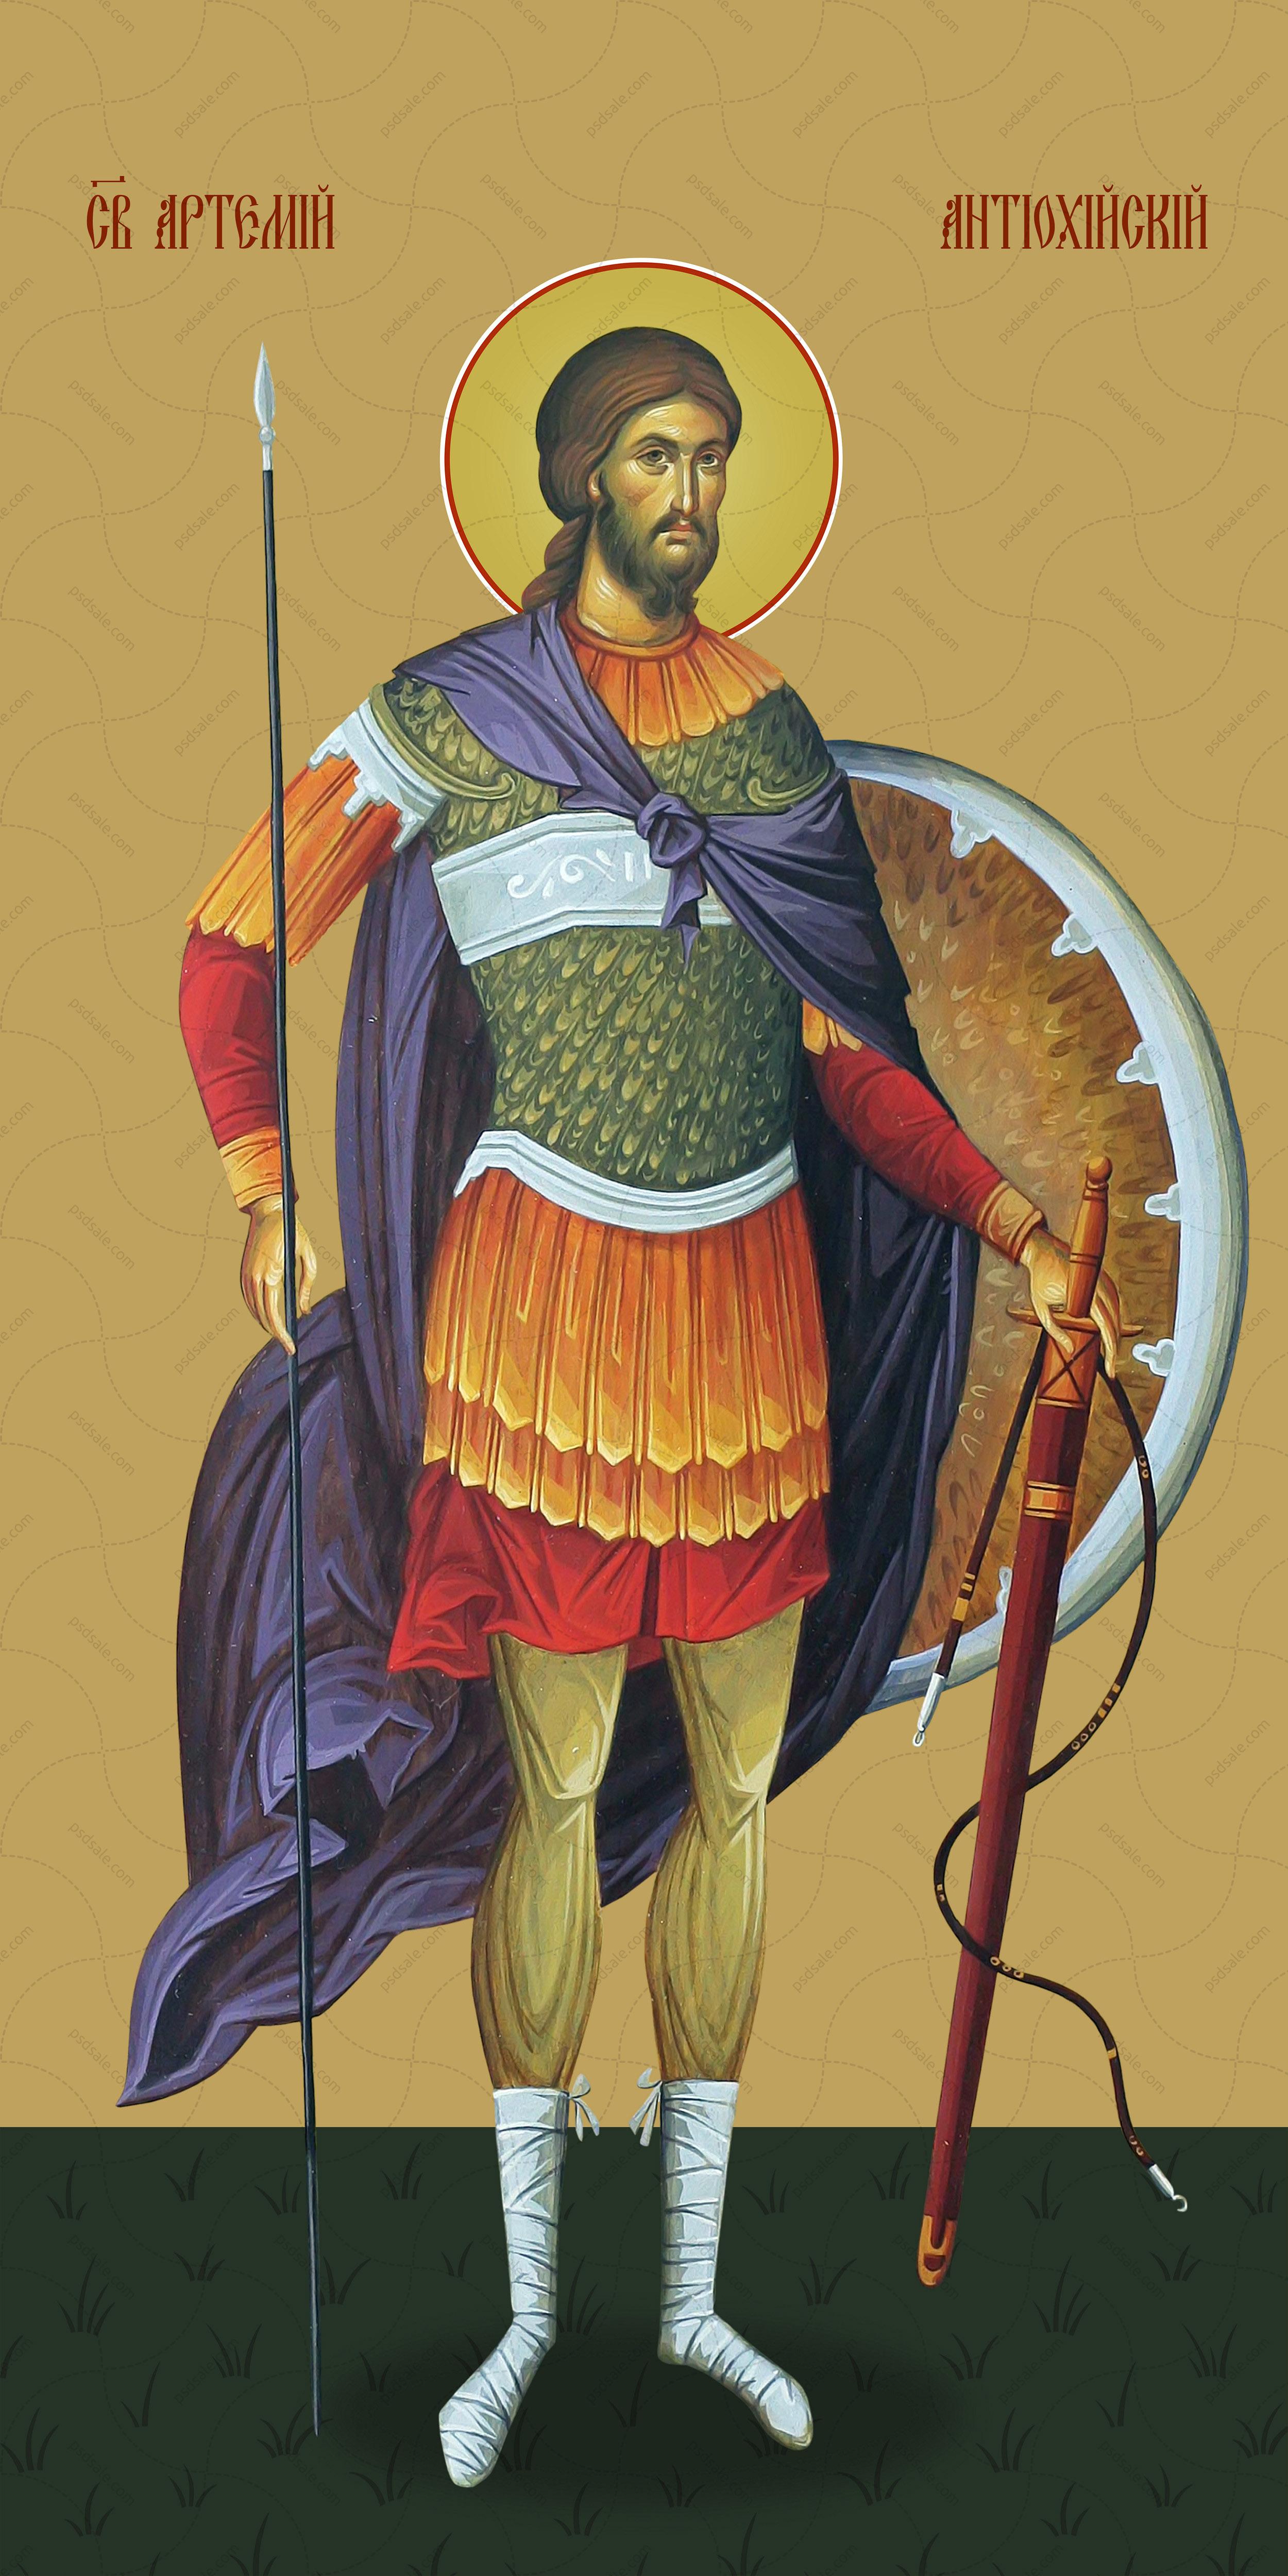 Мерная икона, Артемий Антиохийский, святой